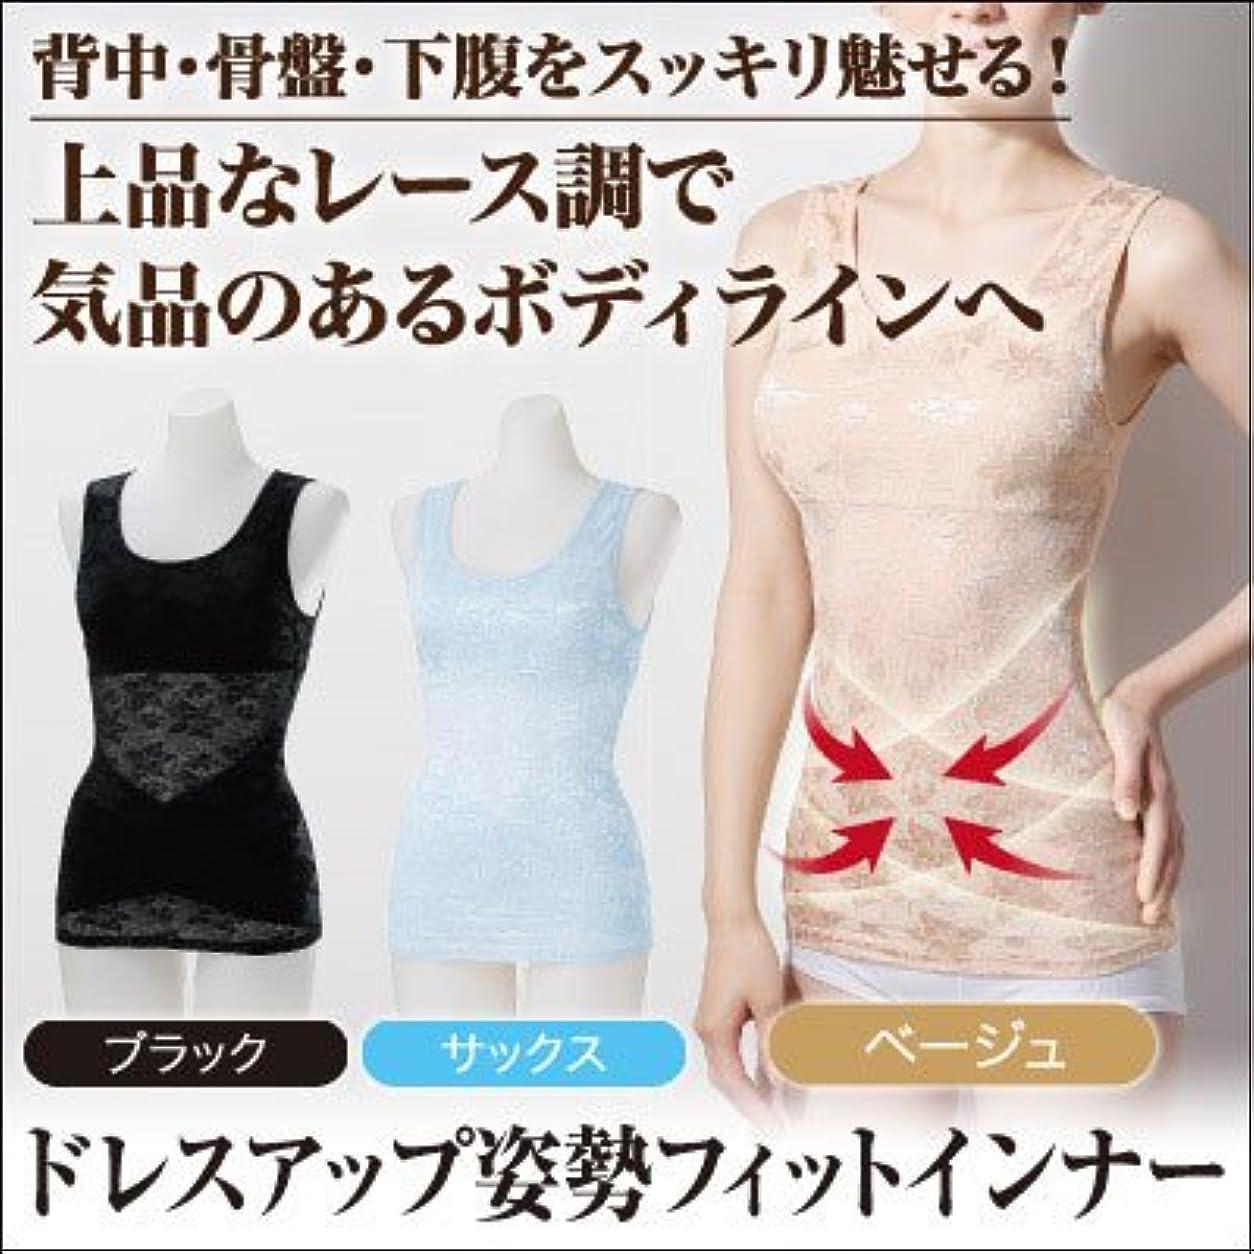 ロゴとオレンジレース仕立ての補正インナー ドレスアップ姿勢フィットインナー サックス L-LLサイズ 2枚セット